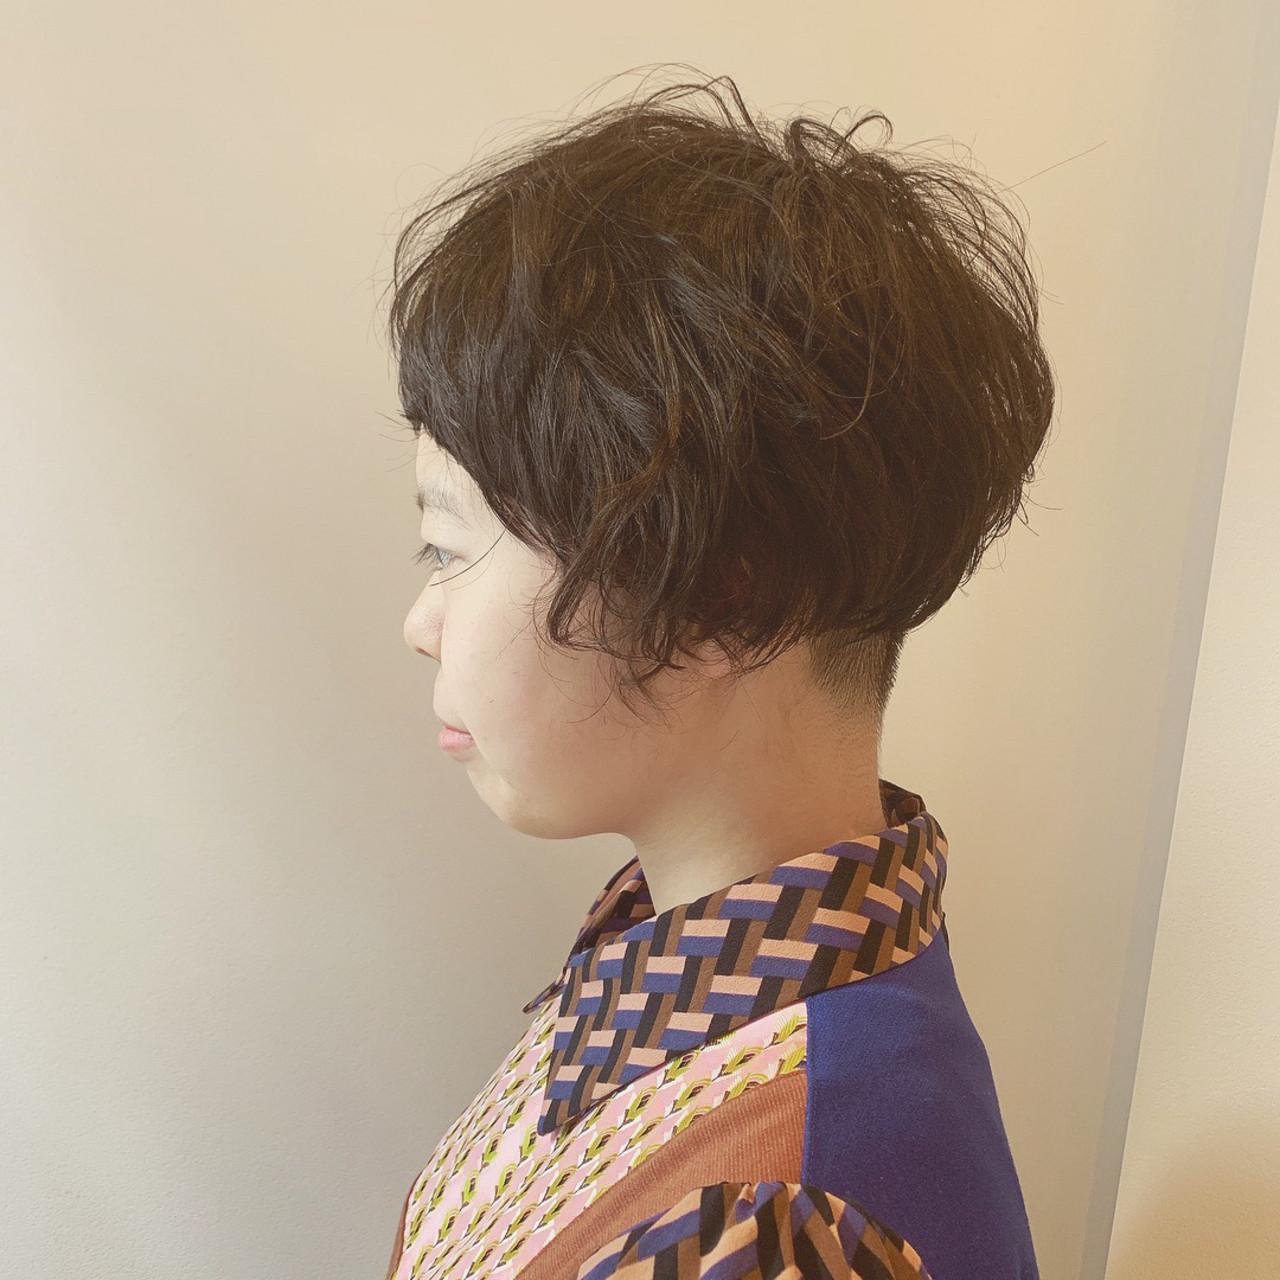 個性的 ツーブロック マッシュショート ショート ヘアスタイルや髪型の写真・画像